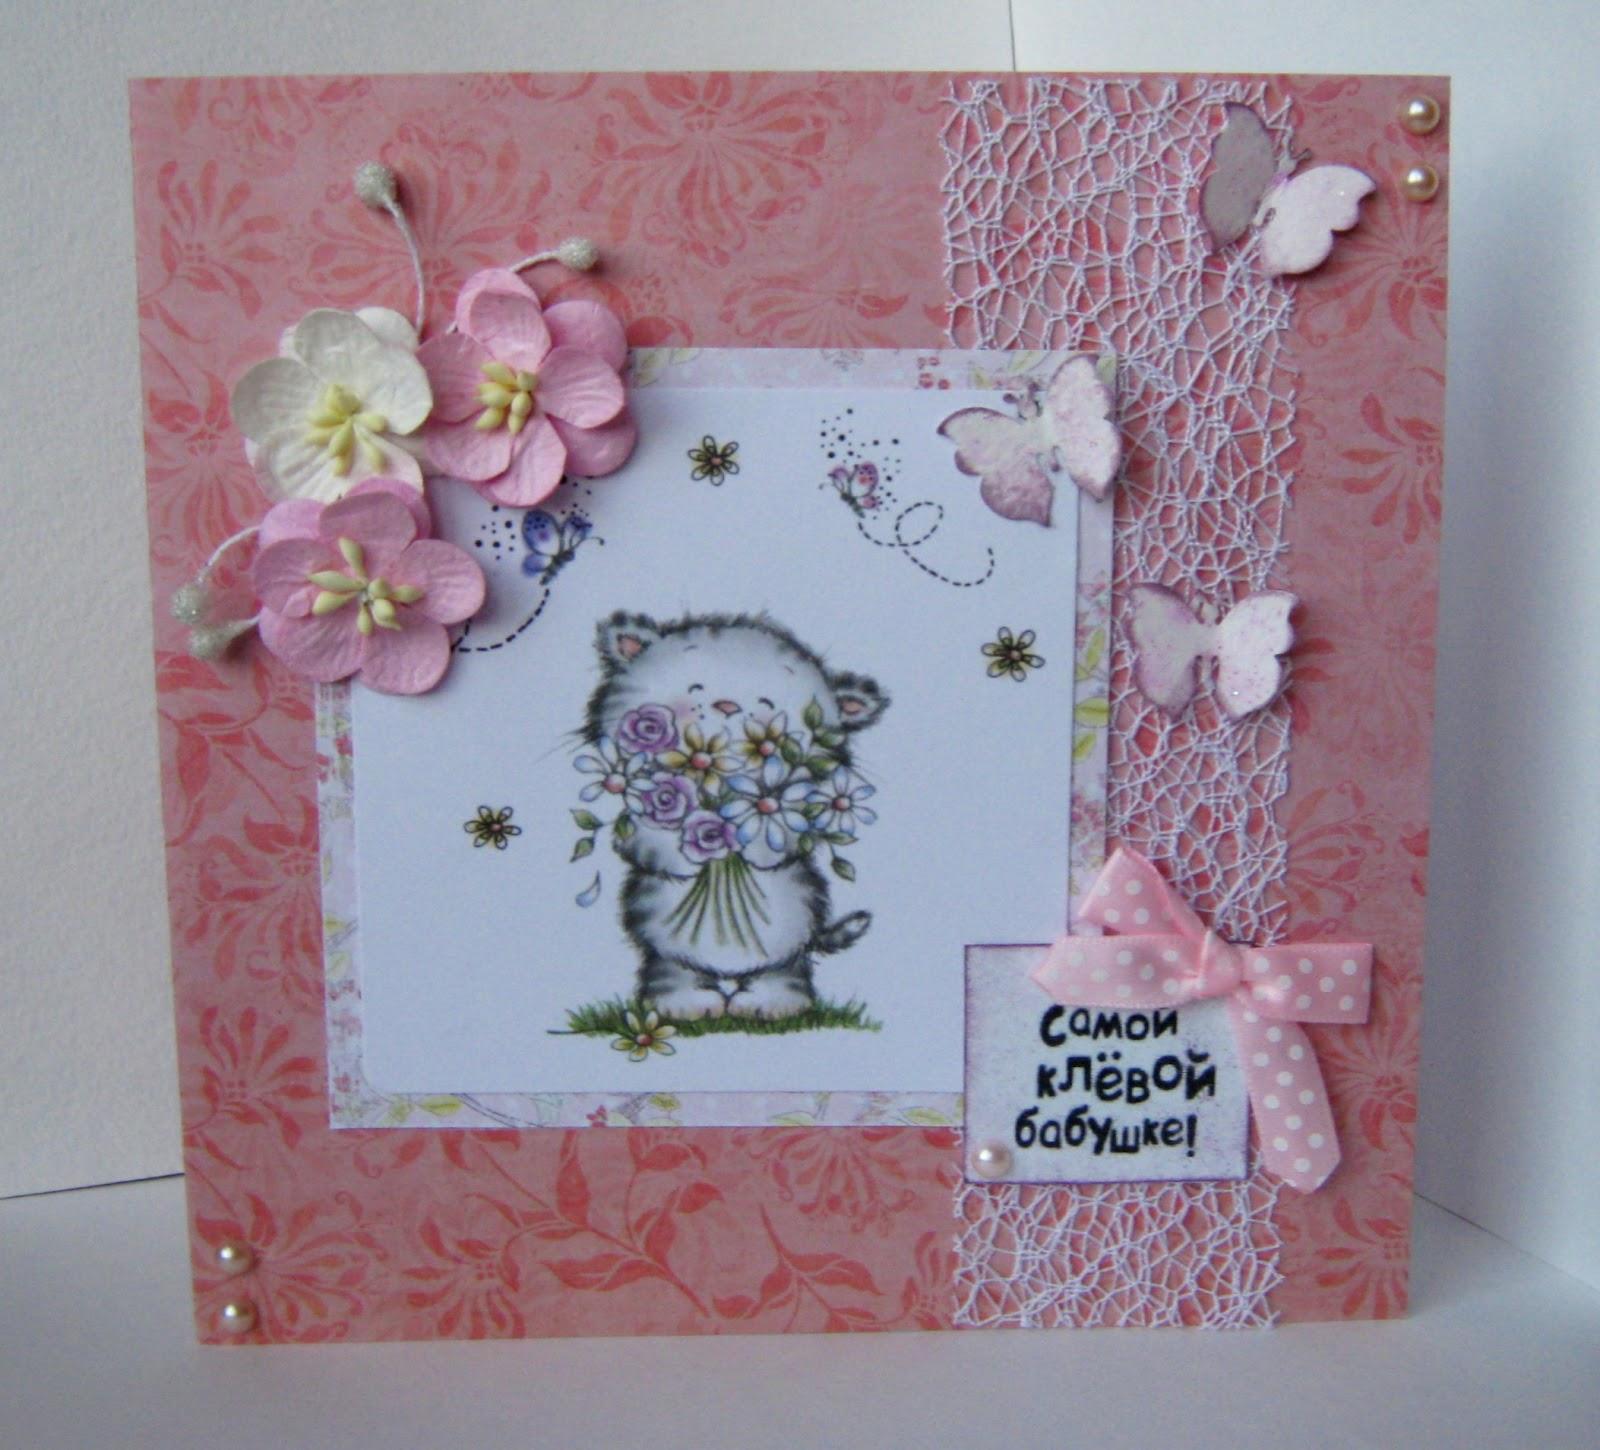 Как сделать для бабушки открытку на юбилей